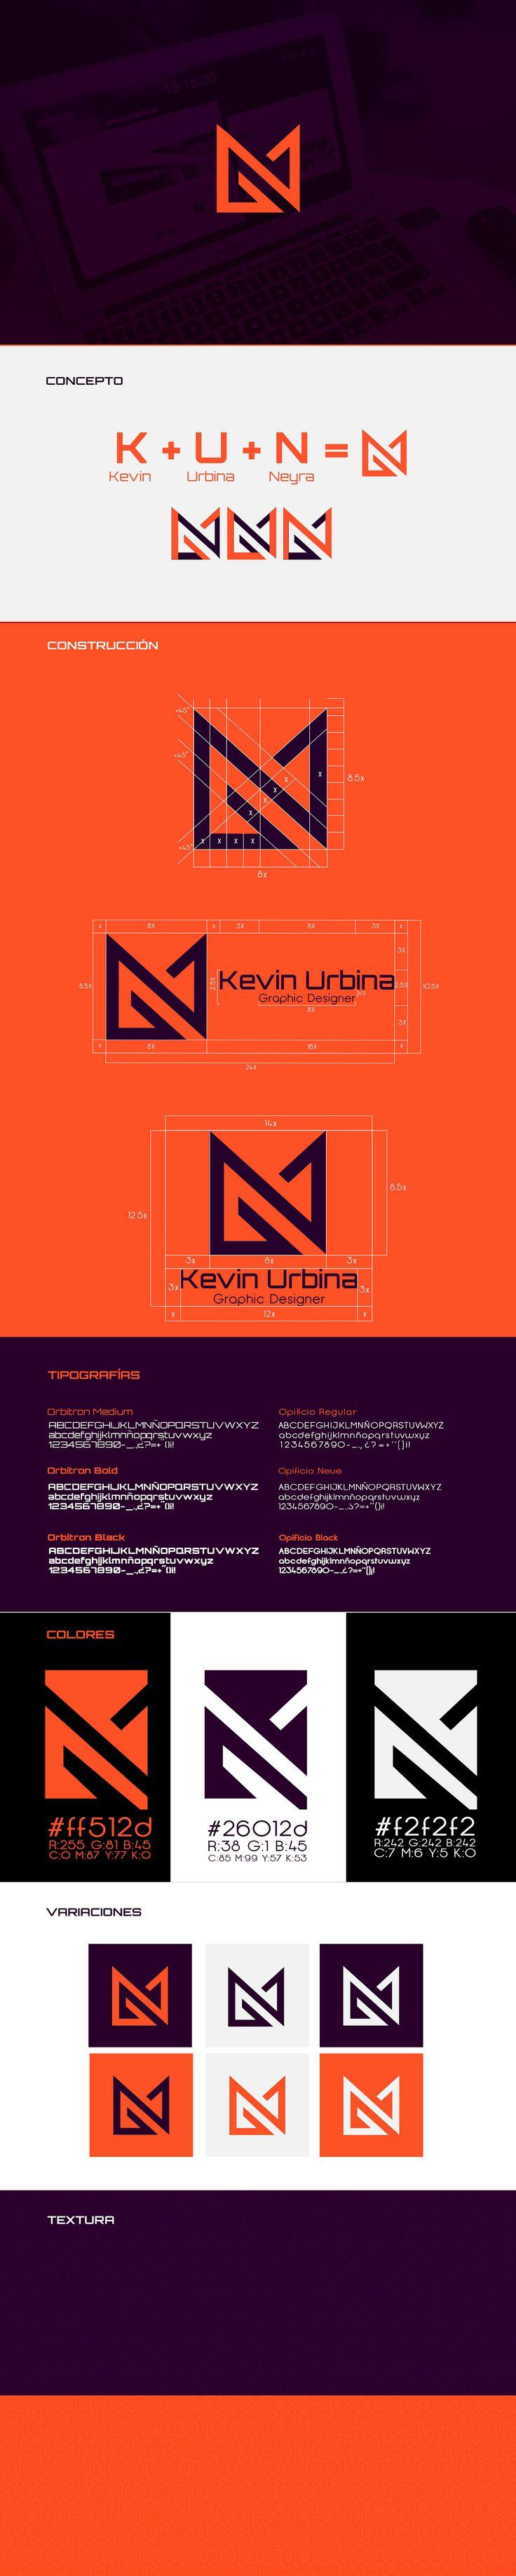 Mi nombre es Kevin Urbina, diseñador gráfico dedicado al branding e ilustración.Logré representar mi personalidad en un isotipo combinando las iniciales de mi nombre y apellidos (K - U - N) con rectas denotando seriedad y compromiso.Los colores elegid…